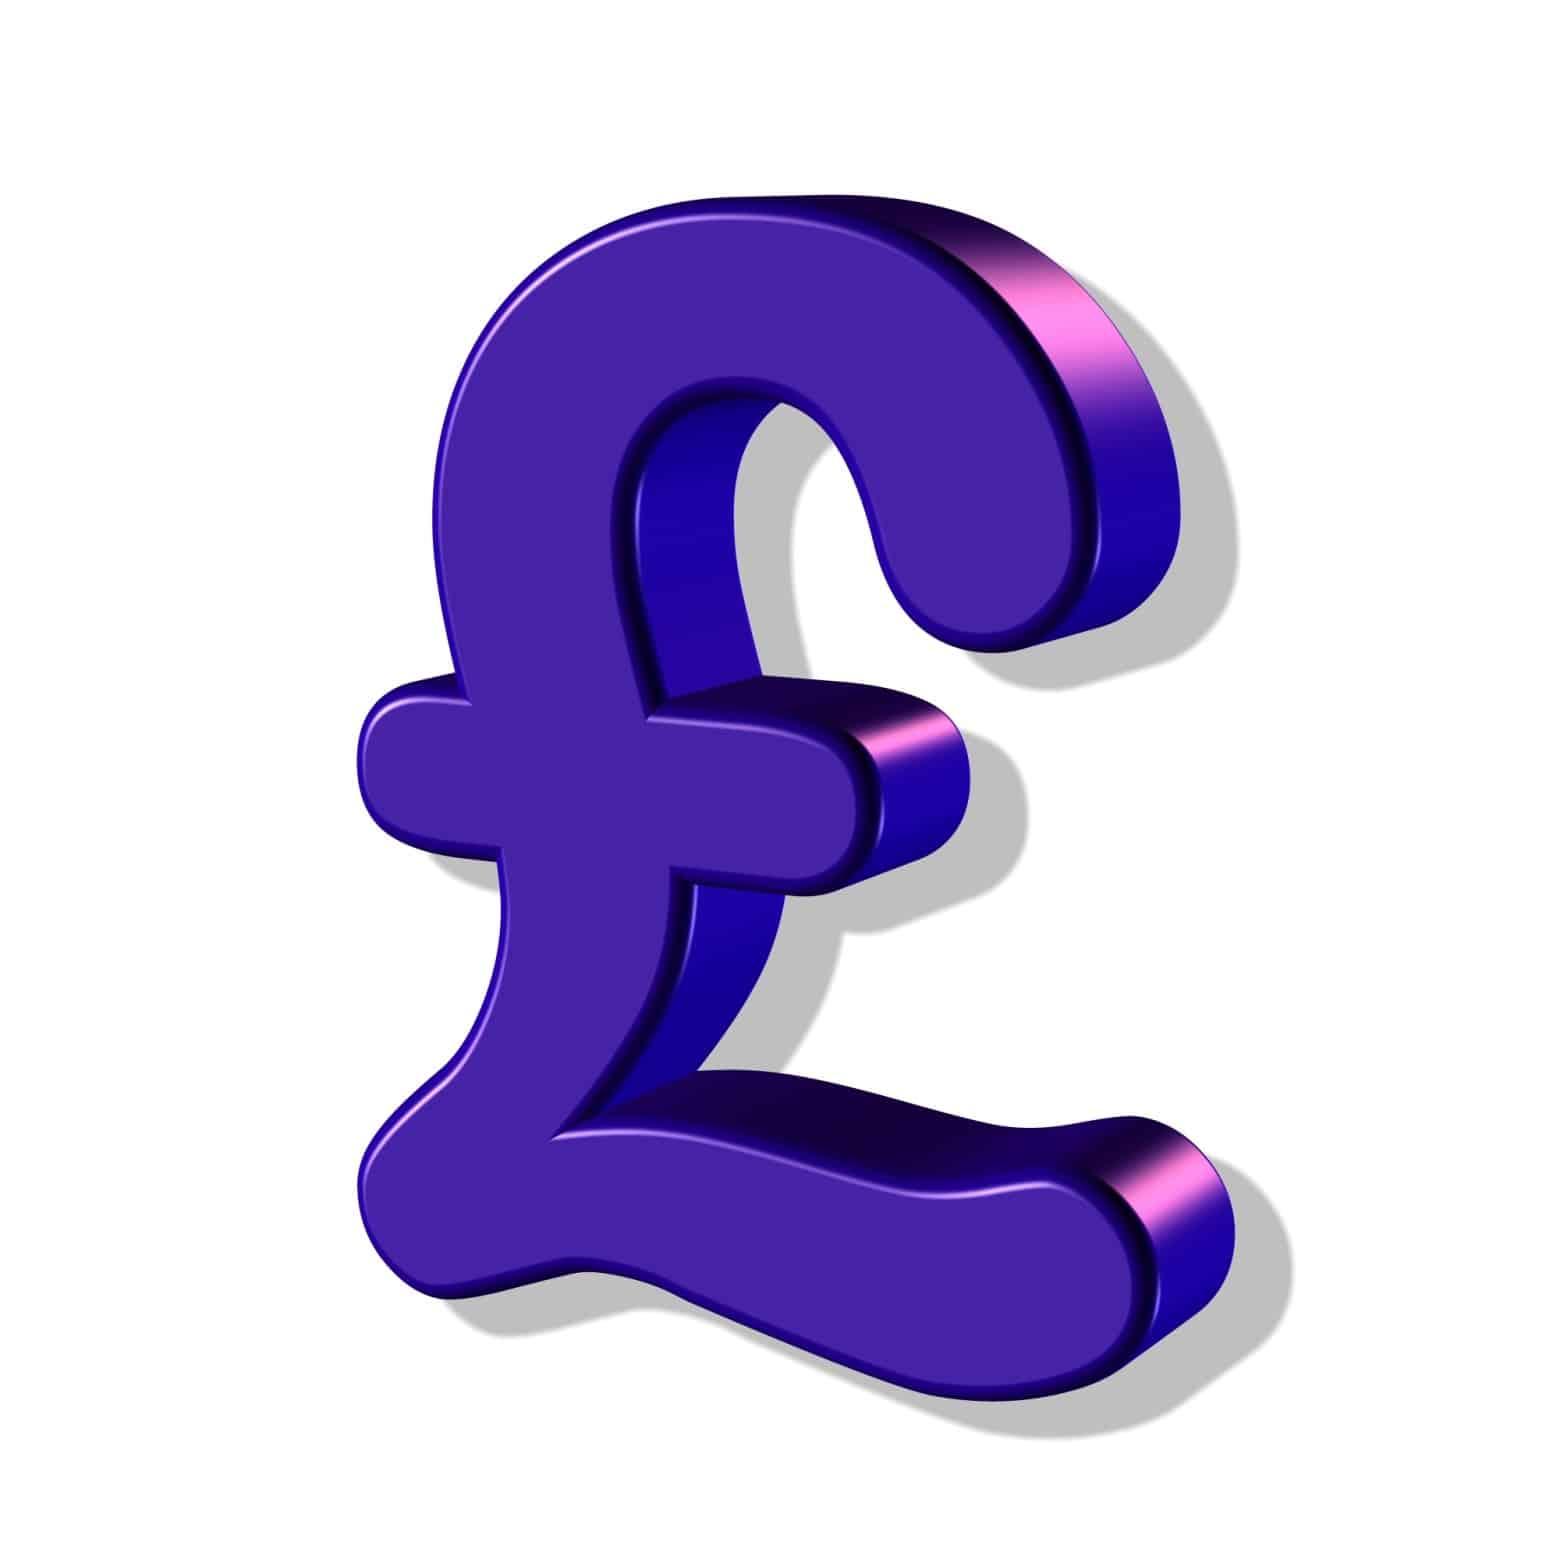 La livre sterling : elle est beaucoup plus forte que l'euro